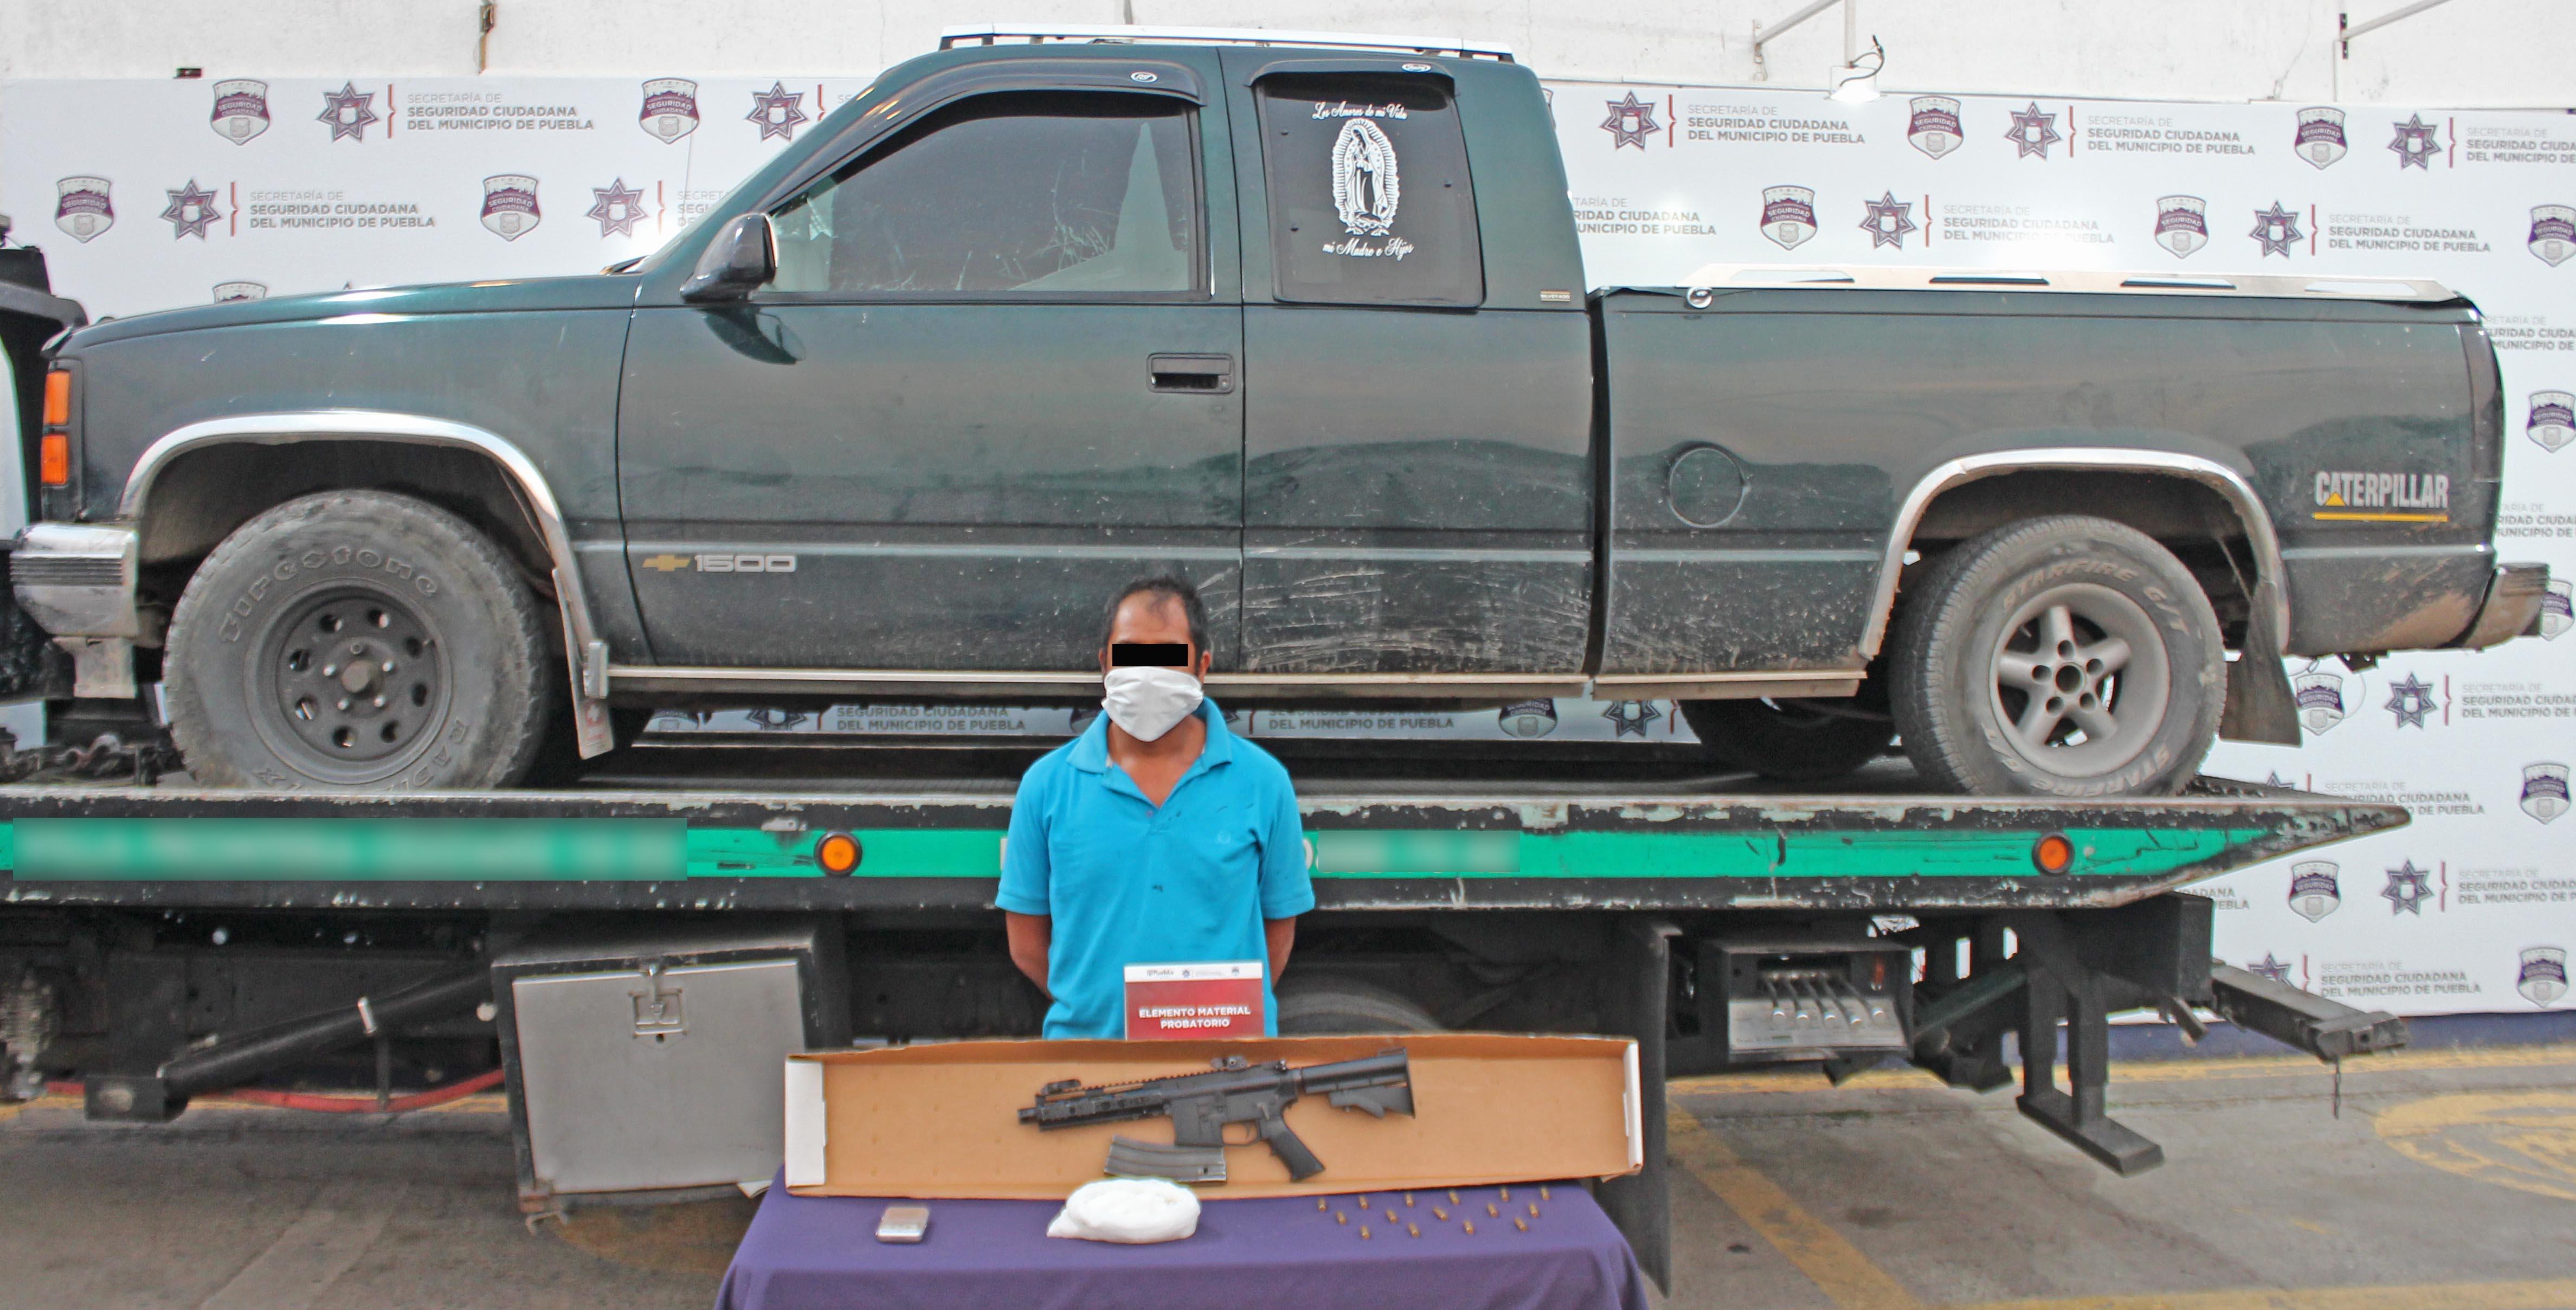 Detuvo Policía Municipal de puebla a hombre en posesión de un fusil de asalto de uso exclusivo del ejército, armada y fuerza aérea